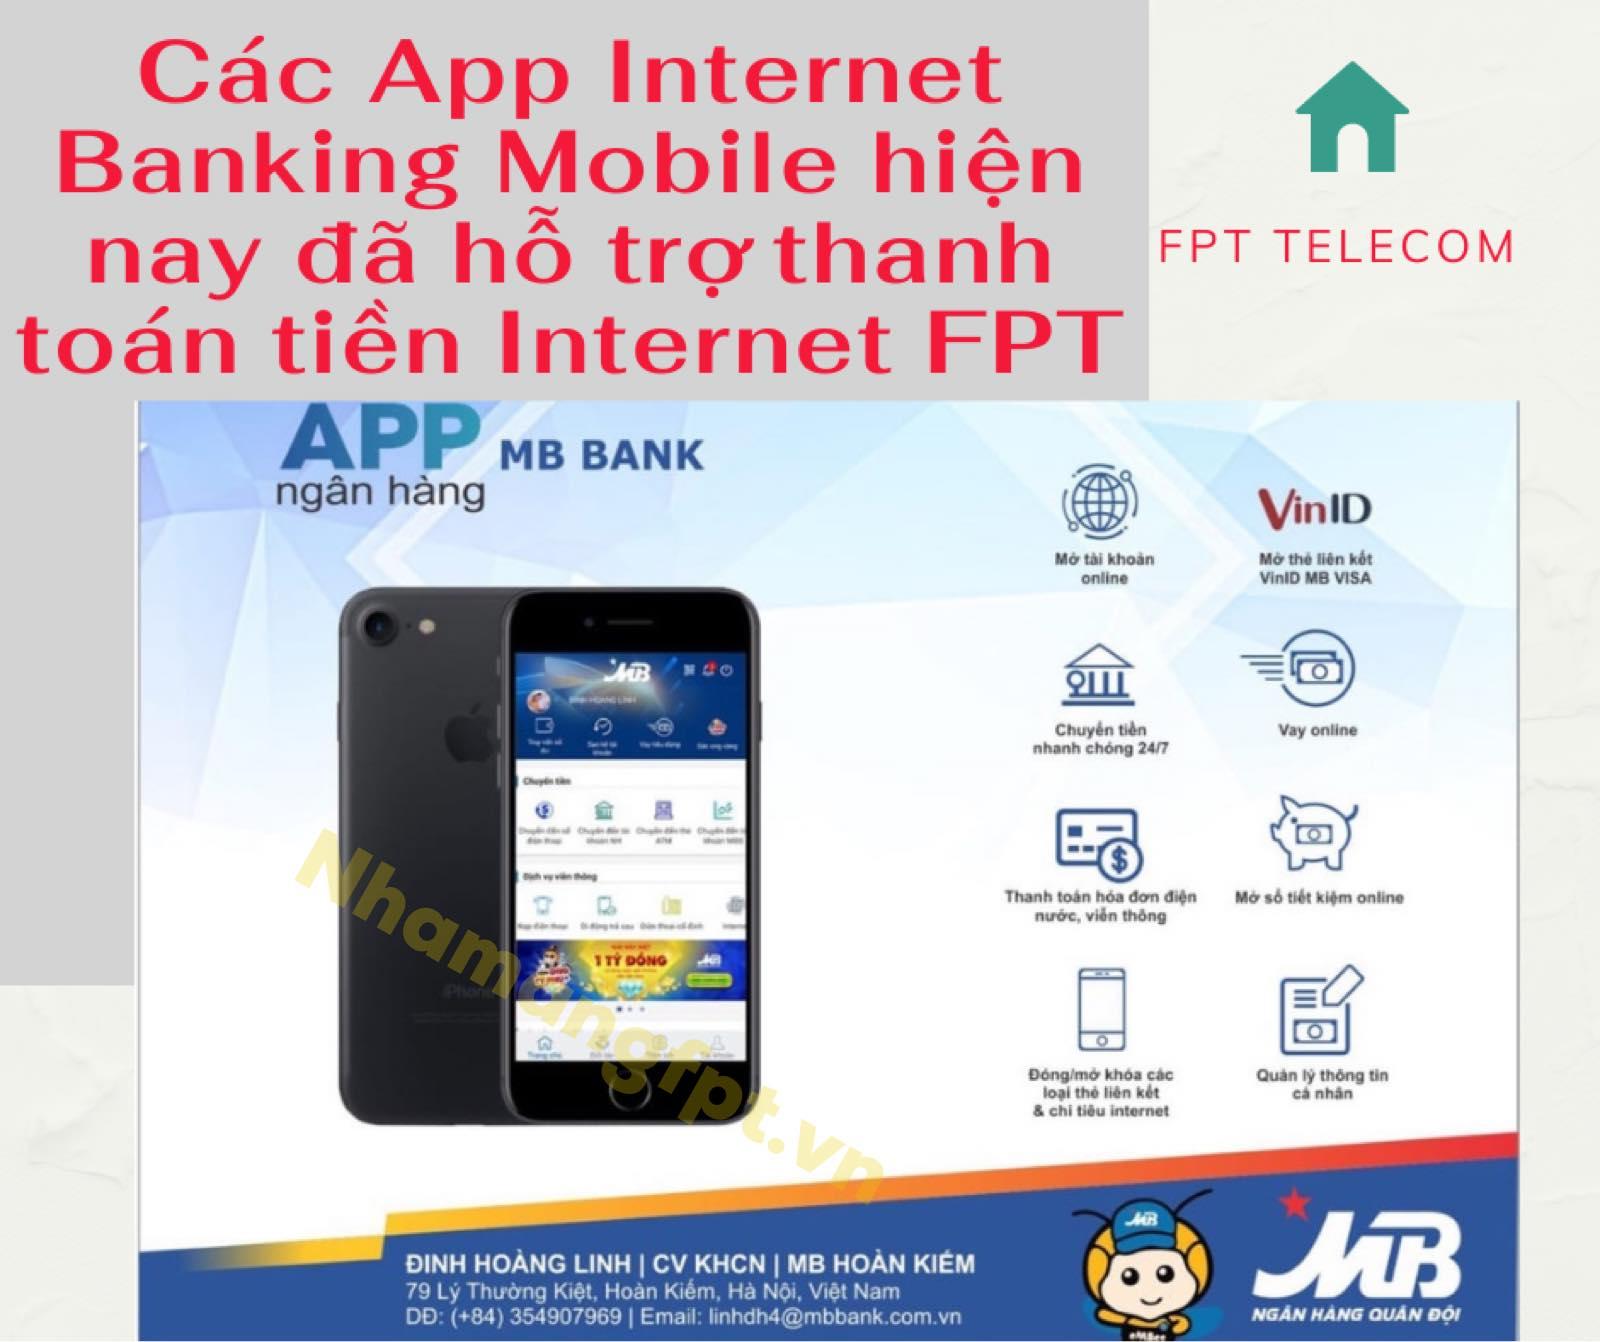 Khách hàng có thể thanh toán tiền mạng internet FPT tại các ứng dụng Internet Banking của các ngân hàng.